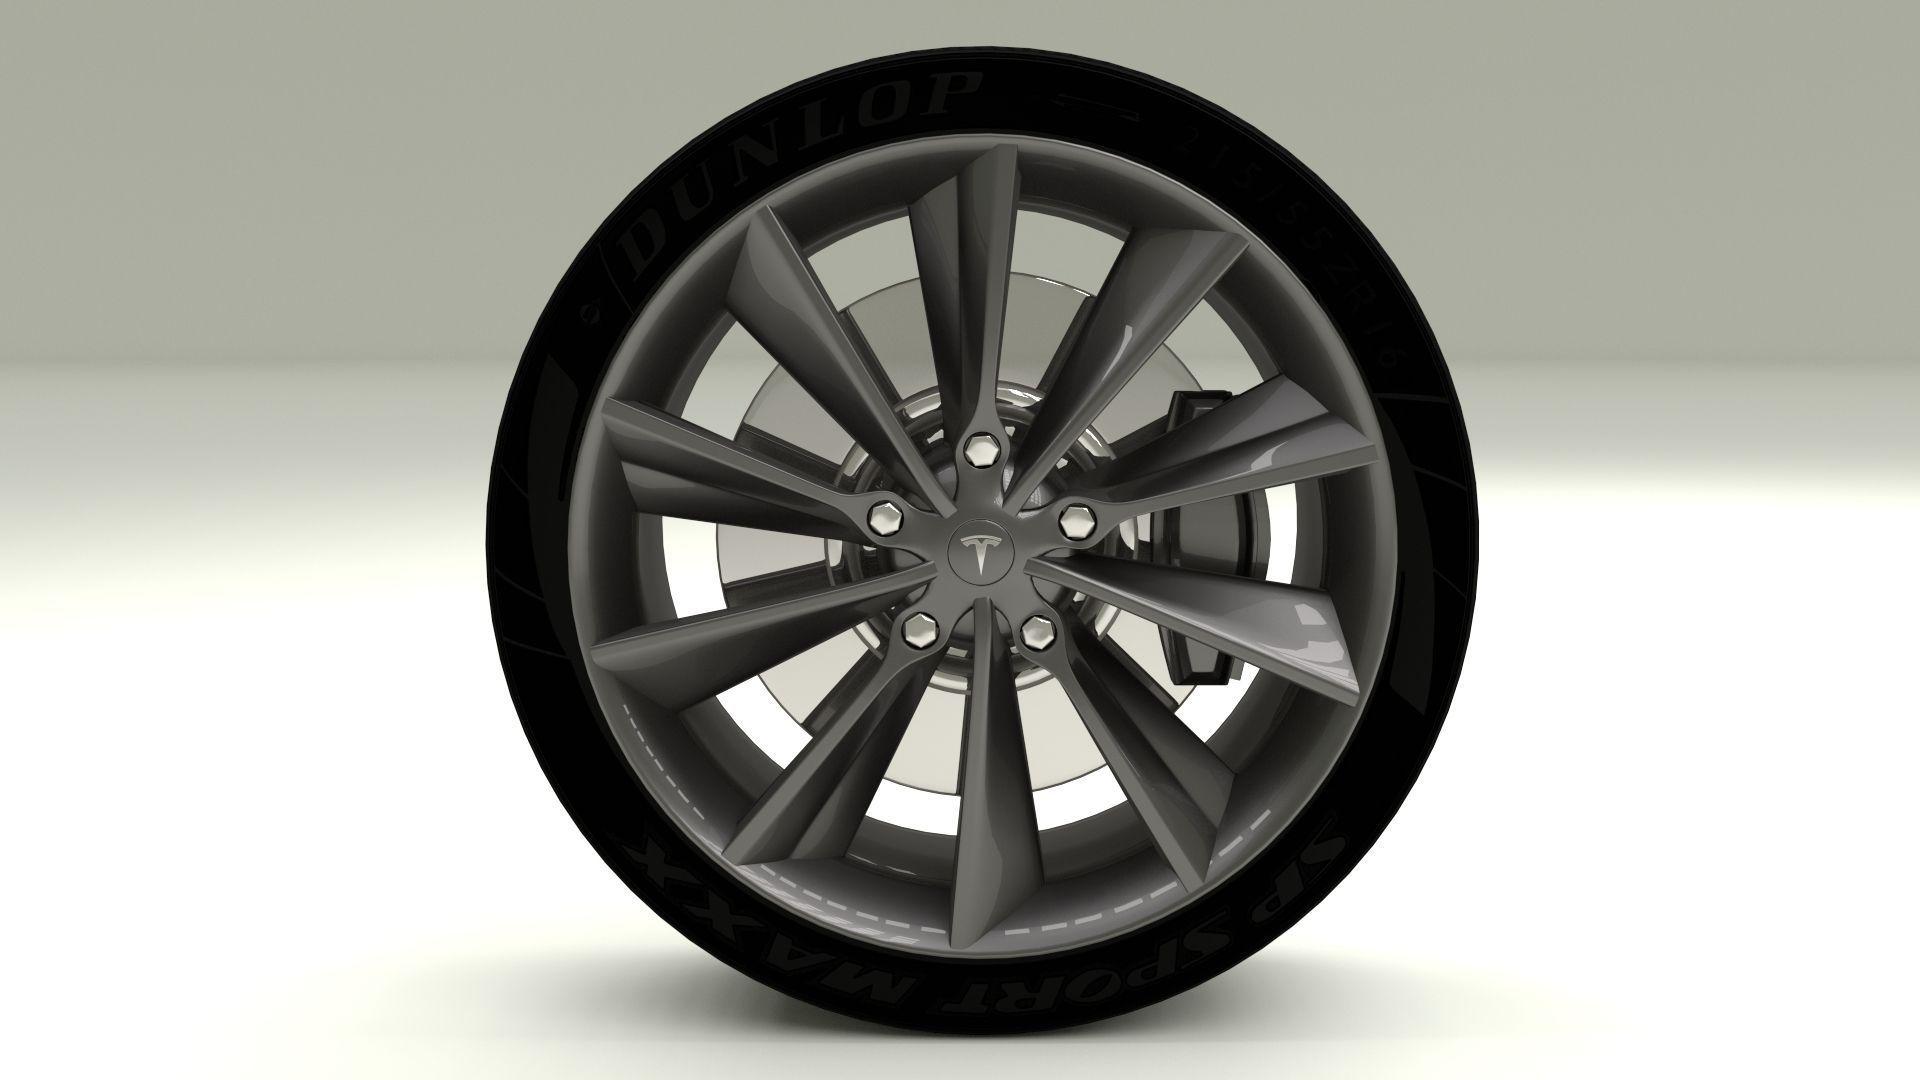 Tesla Model S Wheel